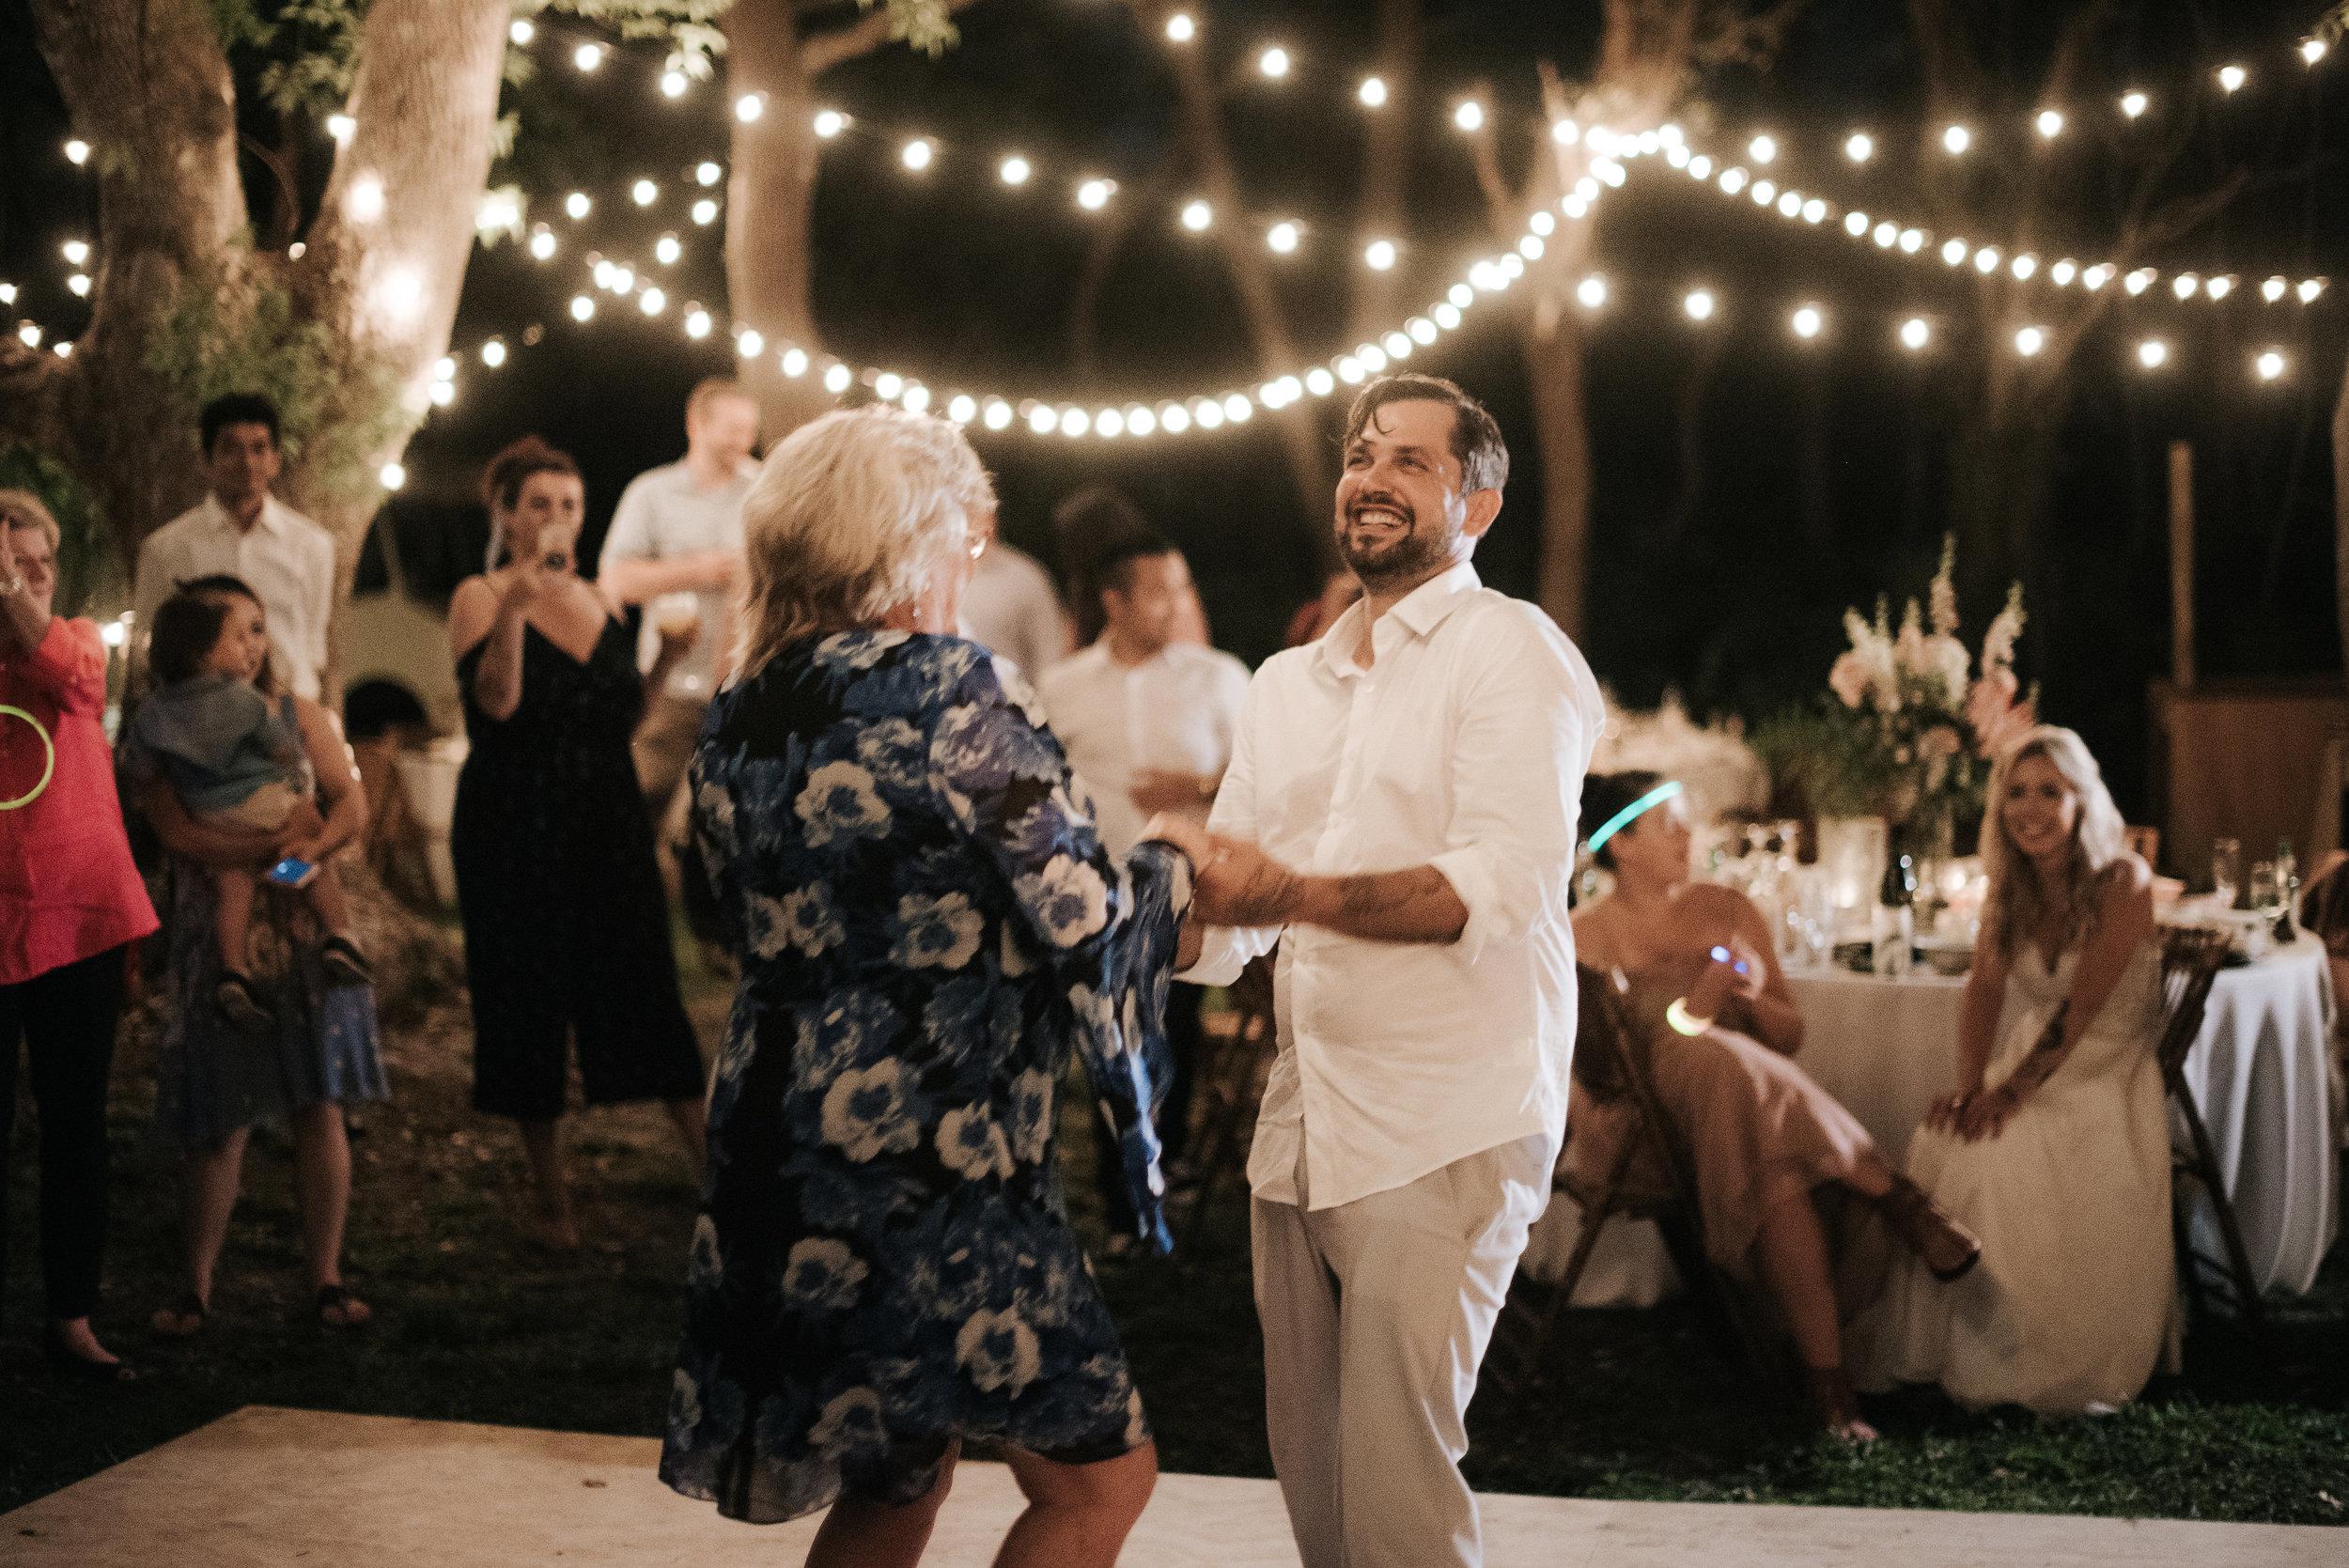 michelle-ronnie-backyard-wedding-903.jpg